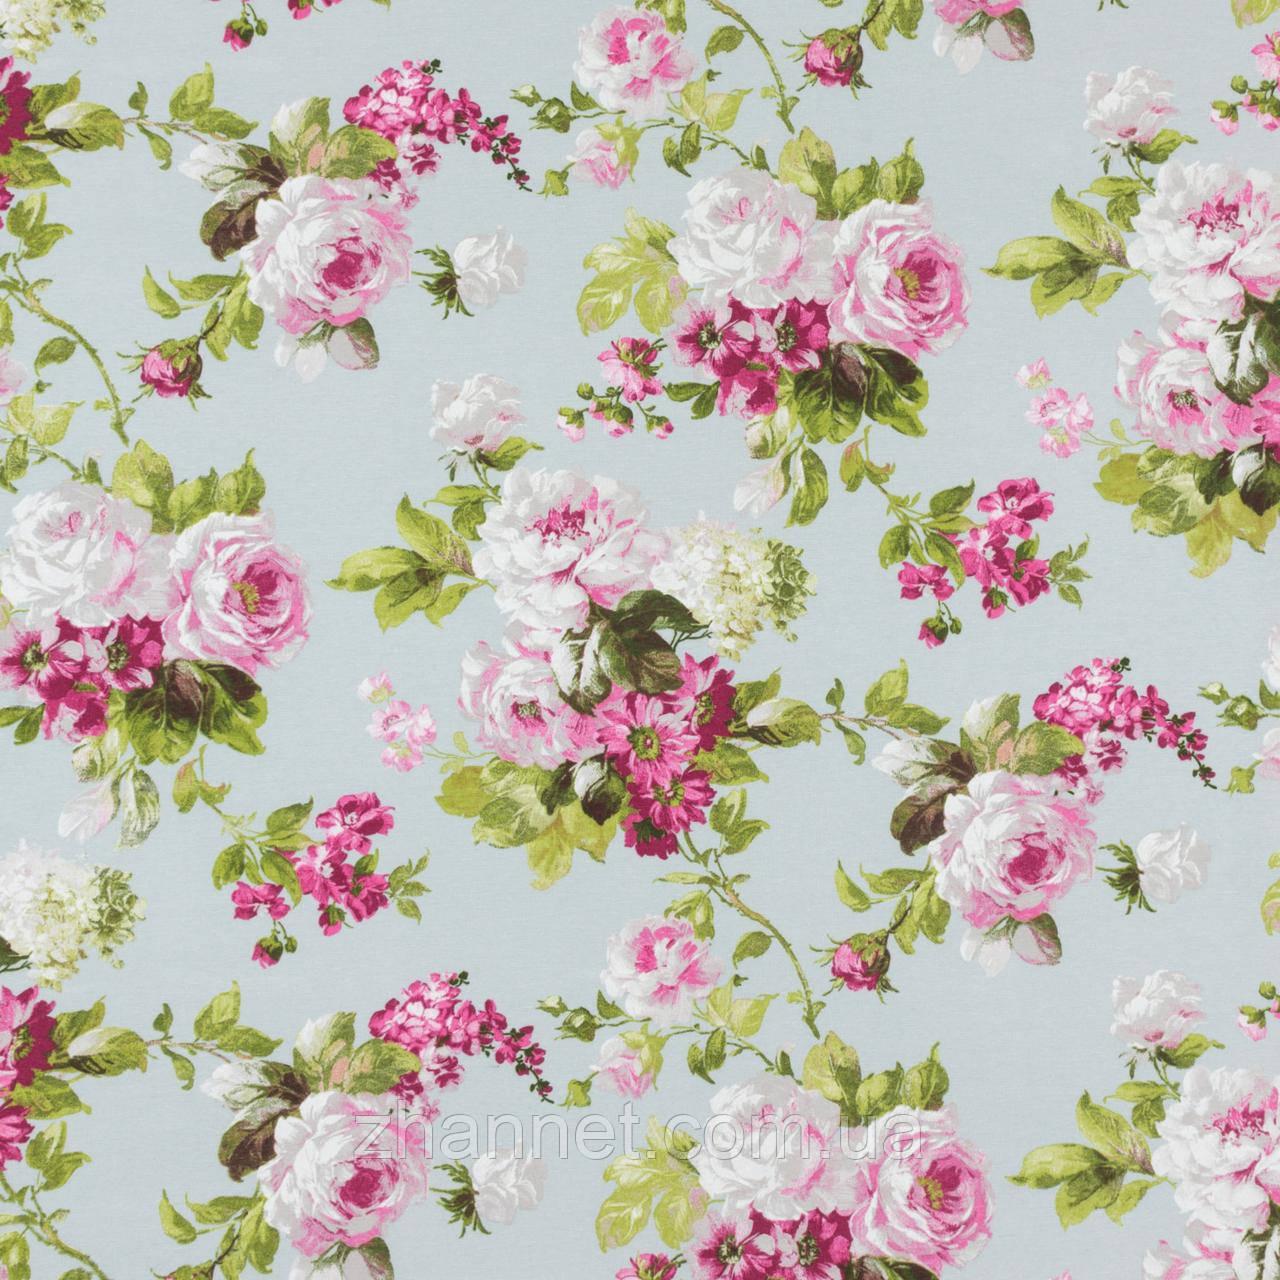 Купить ткань для штор с цветами шерсть состав и свойства ткани